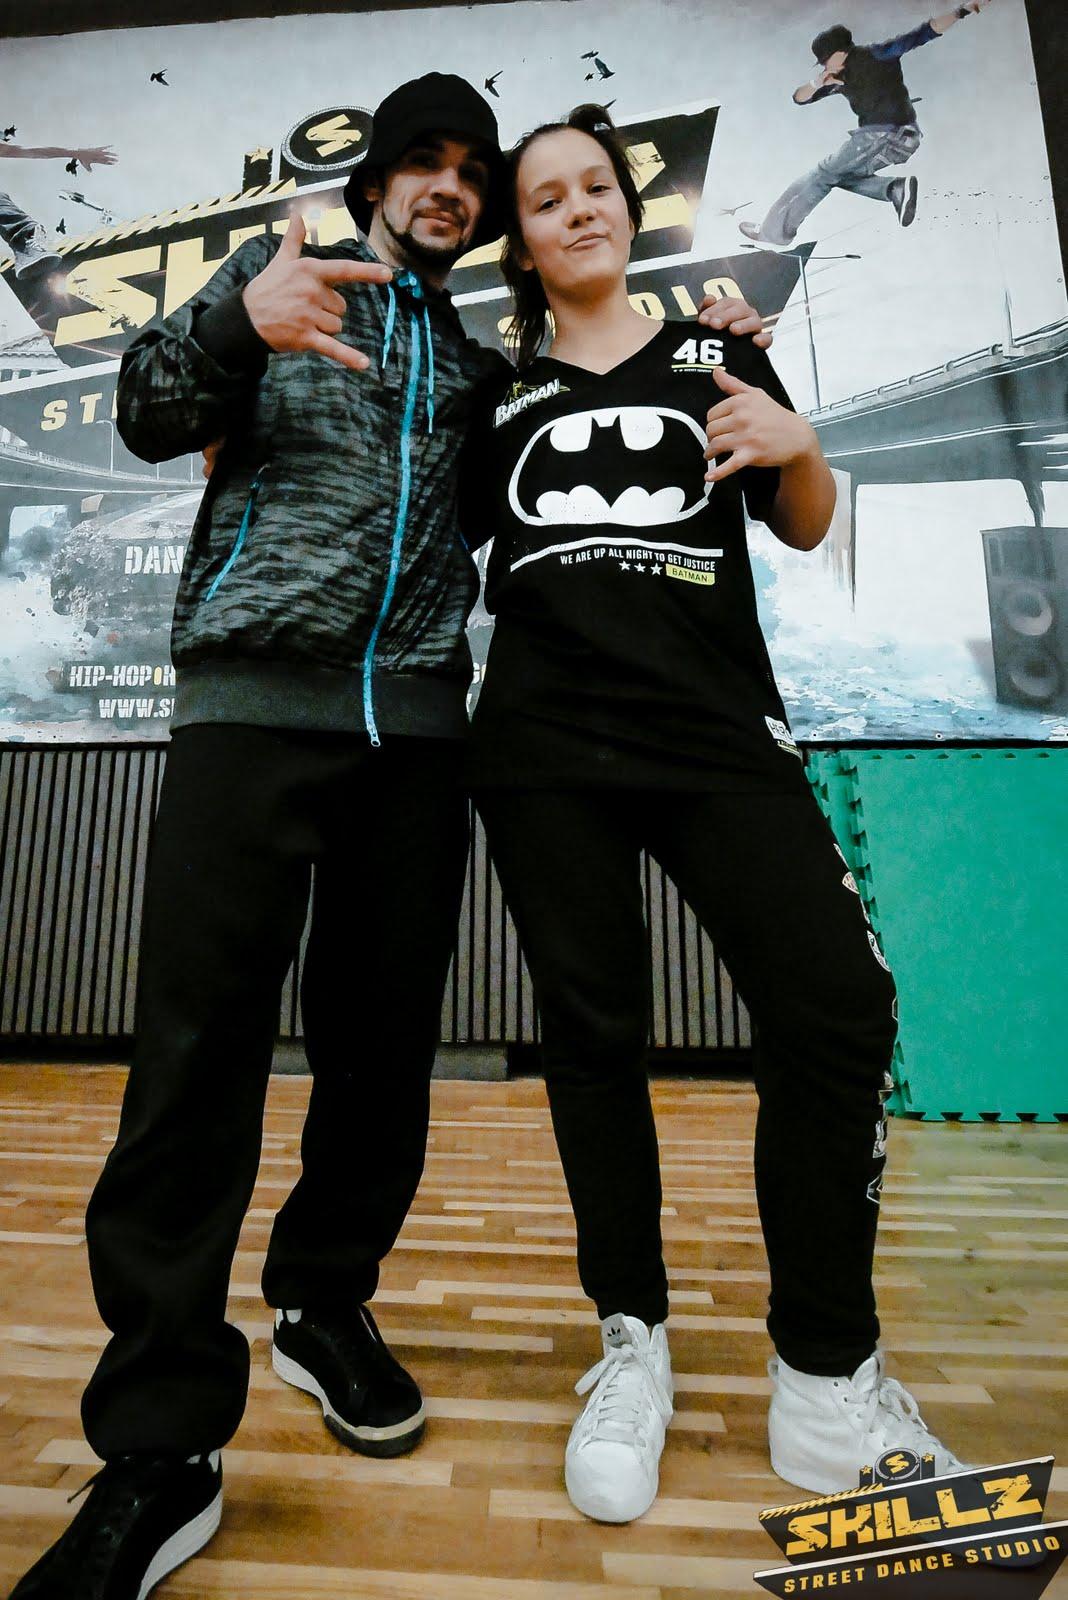 Hip hop seminaras su Jeka iš Maskvos - _1050298.jpg